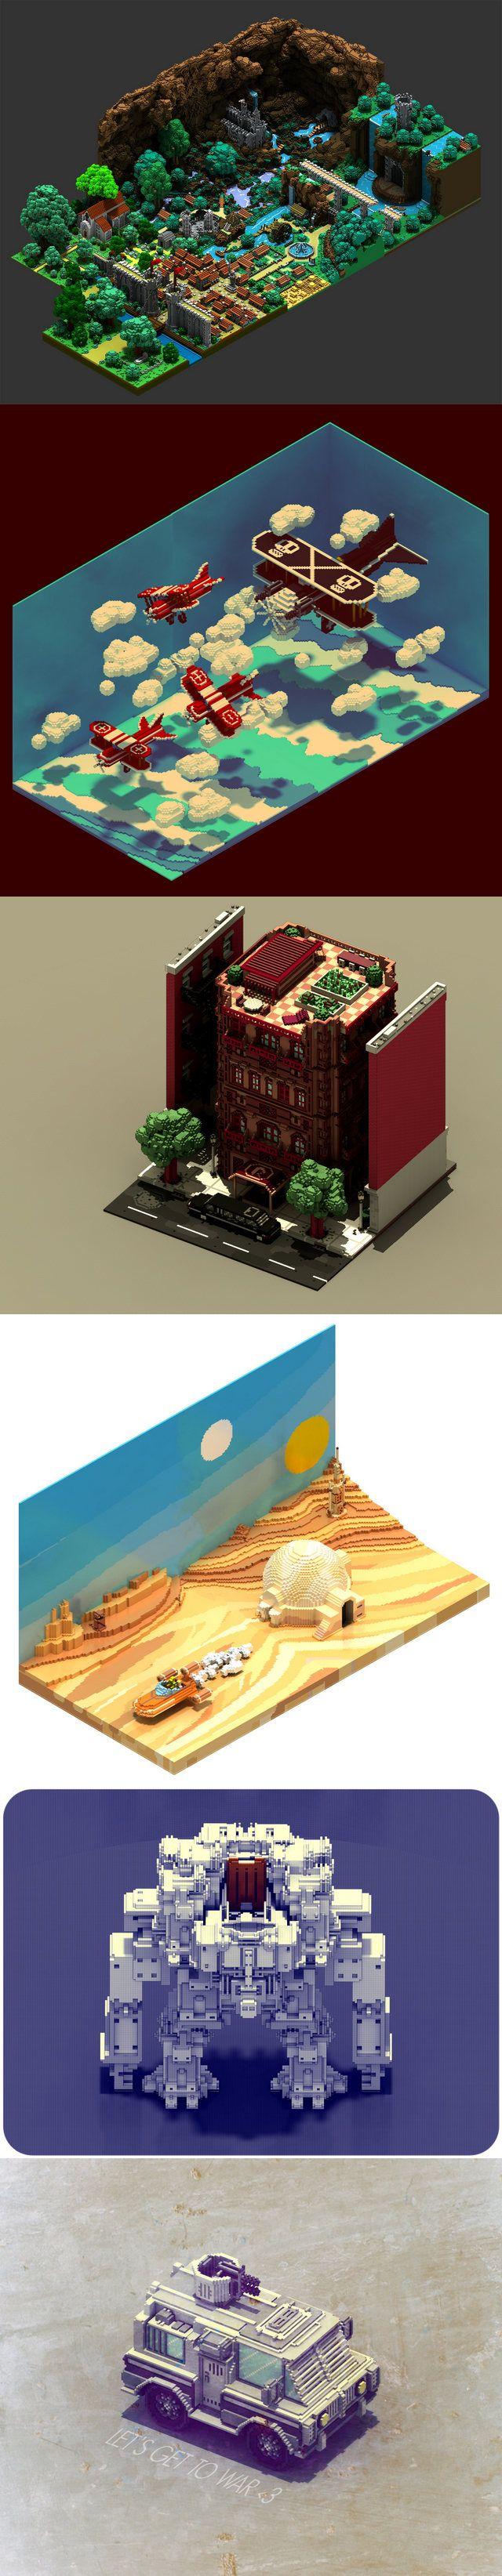 Scènes en voxel art, par Sir carma